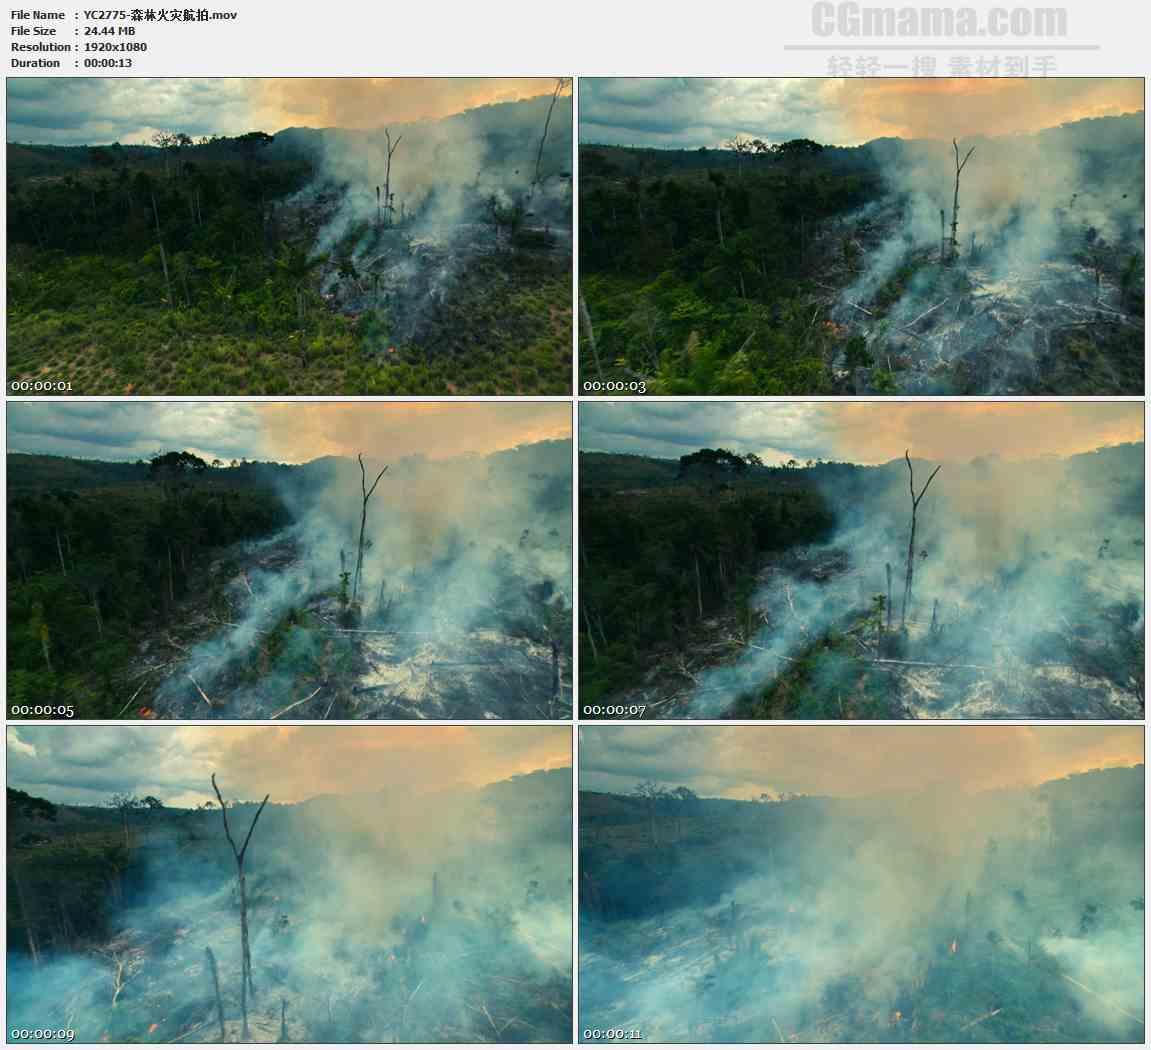 YC2775-森林火灾航拍高清实拍视频素材